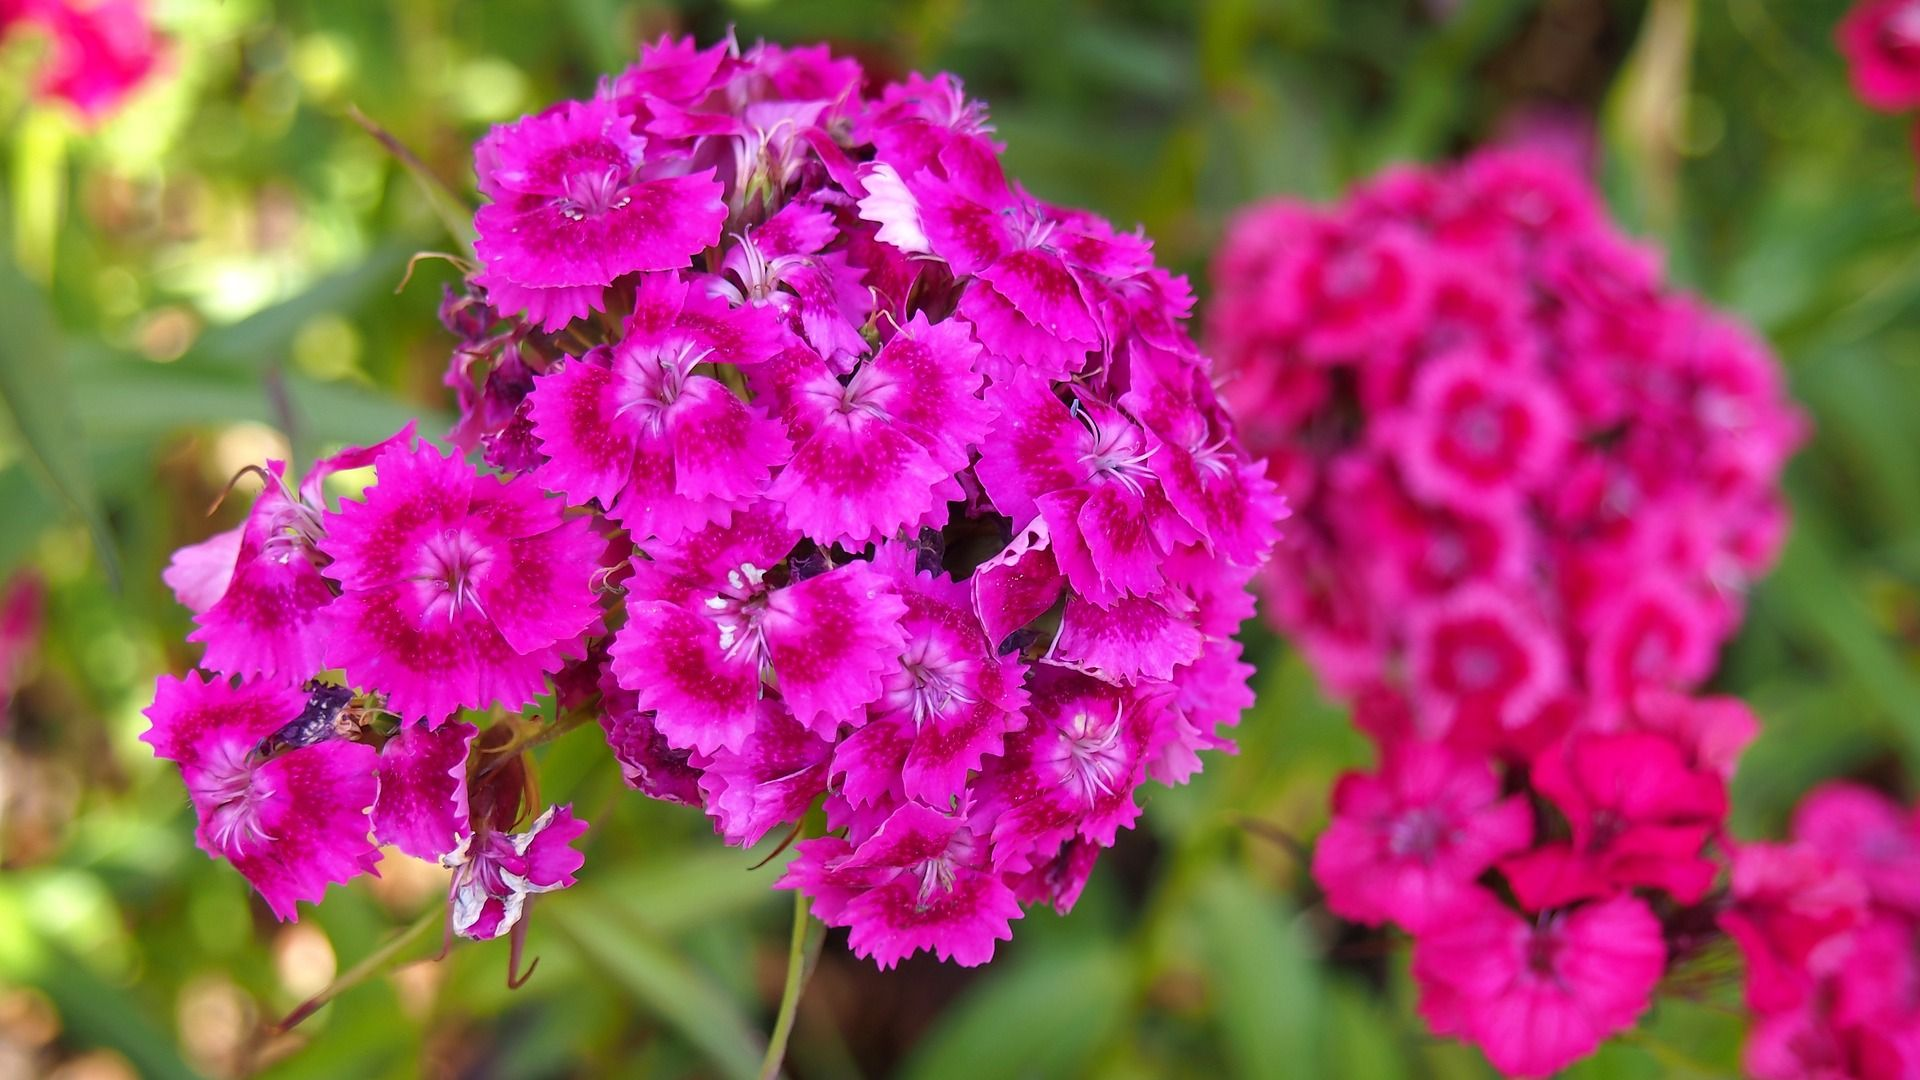 Najpiekniejsze Kwiaty Gozdziki Gozdzik Jesien Kwiaty Ogrod Pomysly Inspiracje Jesienne Kwiat Flower Bouquet Drawing Carnation Flower Garden Ornaments